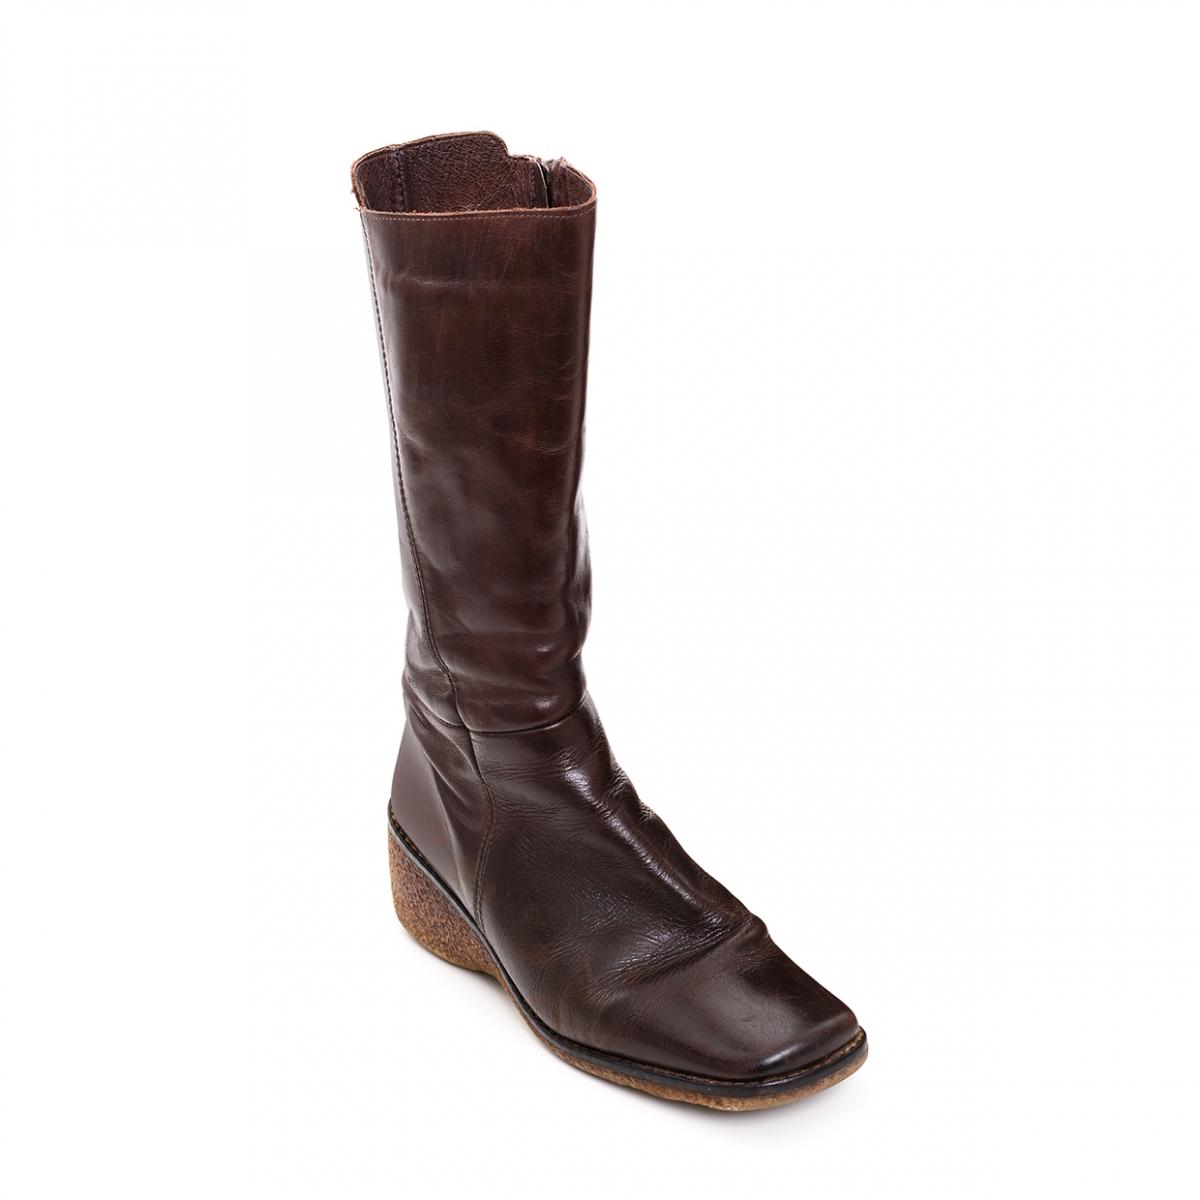 Imagen en la que se ve una única bota de piel de mujer